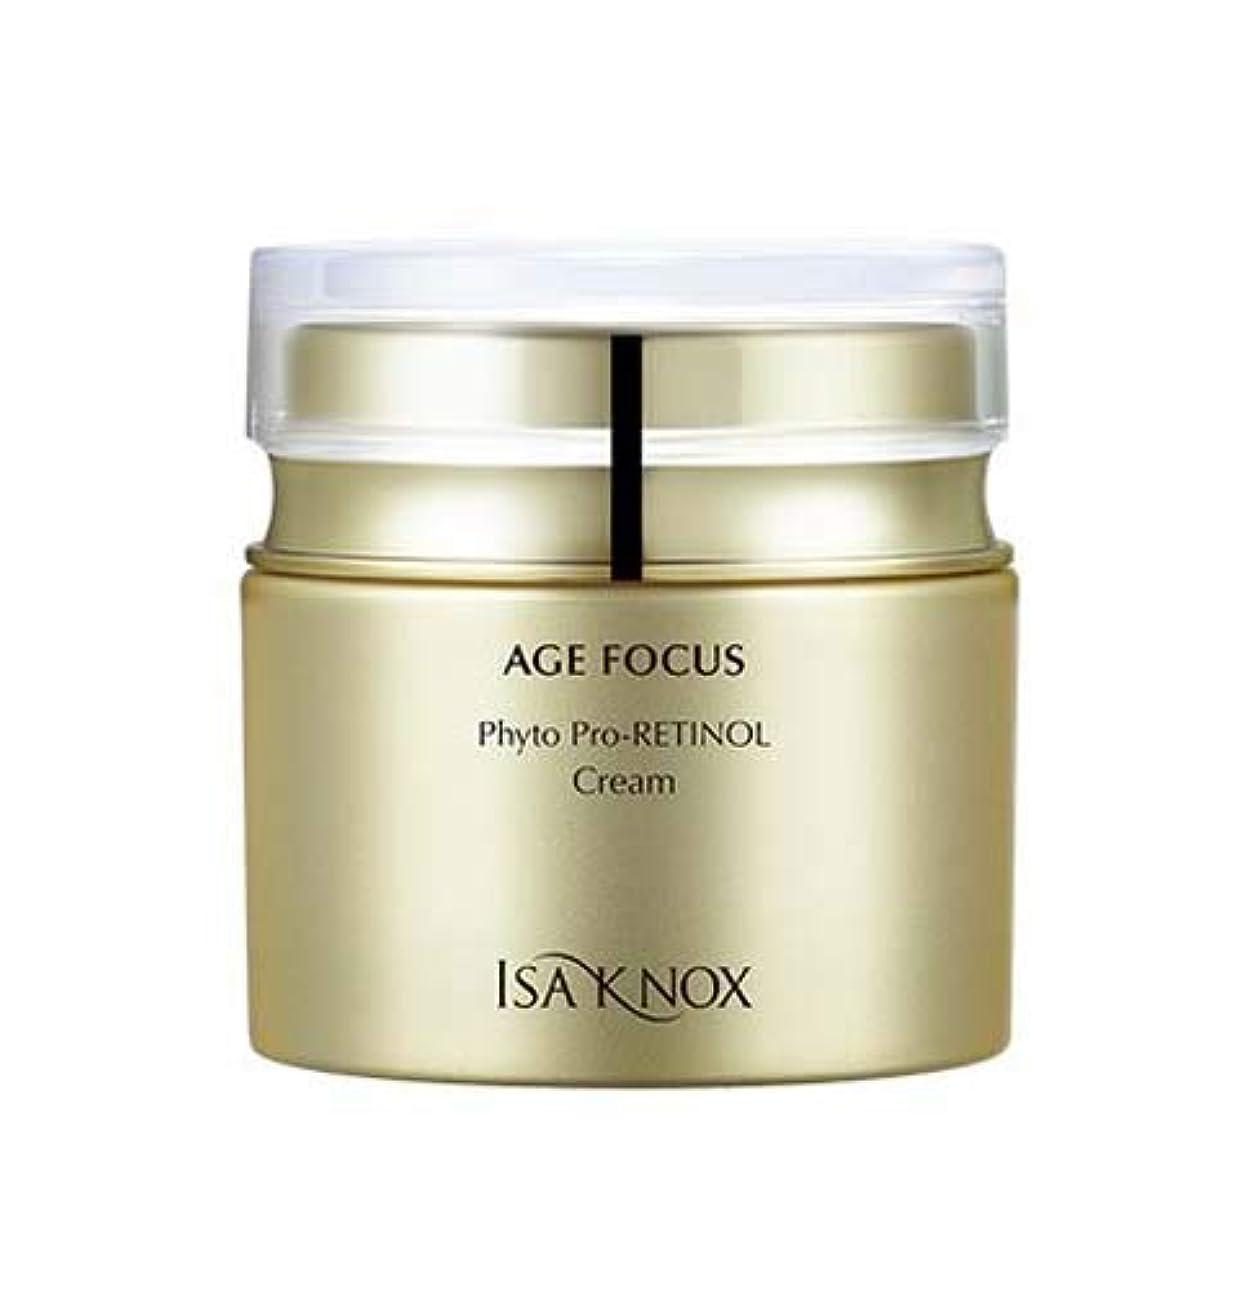 軽量限定フォーク[イザノックス] ISA KNOX [エイジフォーカス フィト プロレチノール クリーム 50ml] AGE FOCUS Pro-Retinol Cream 50ml [海外直送品]